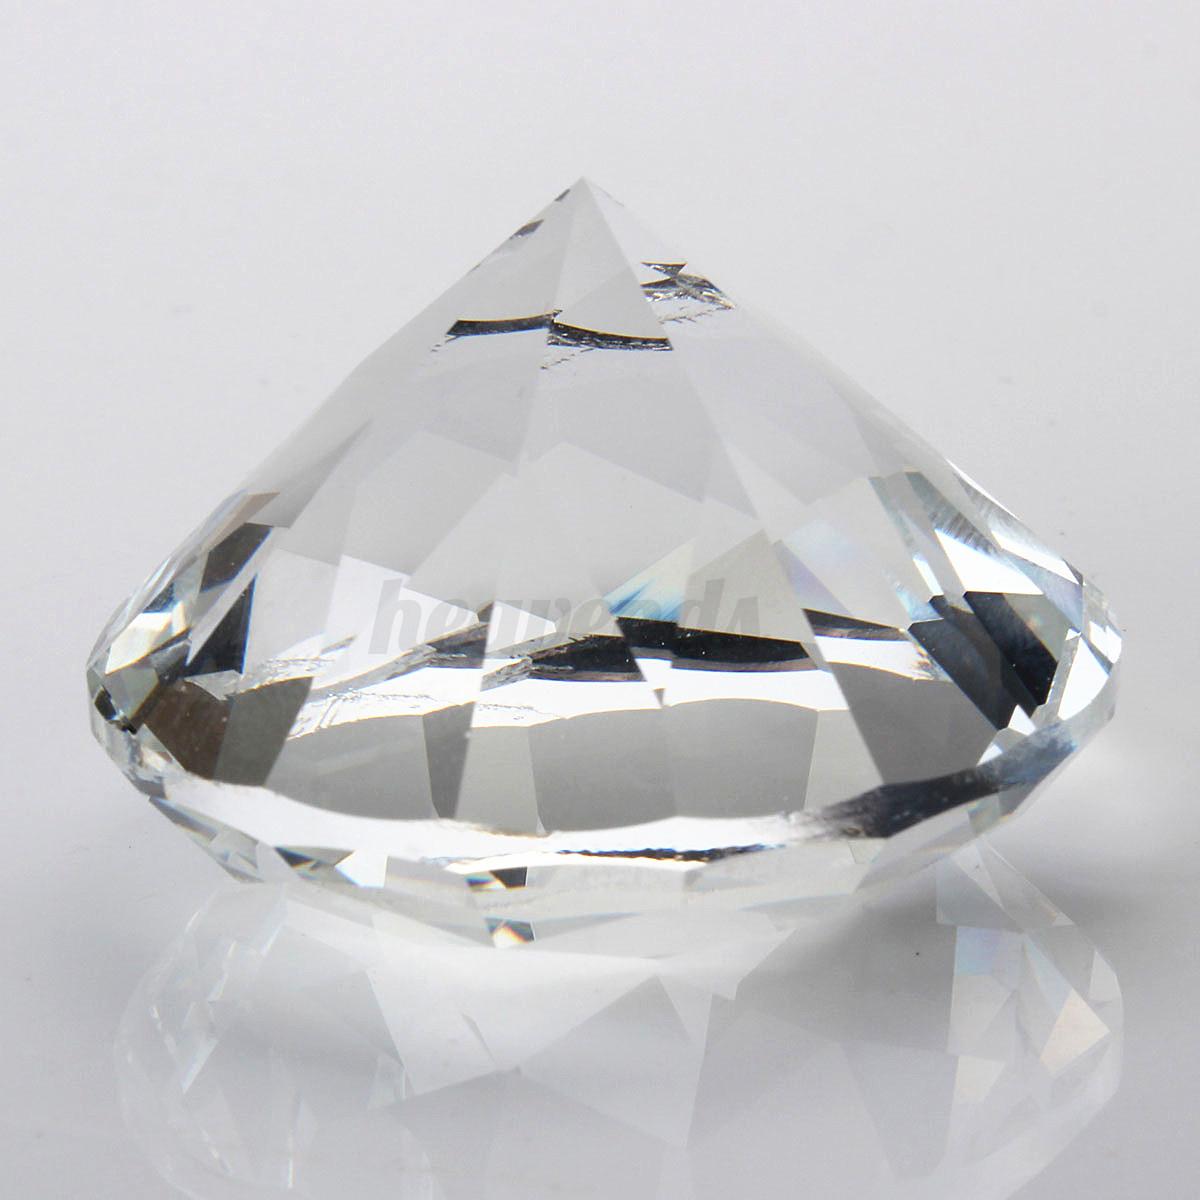 45mm kristall glas diamant deko glasdiamant kristallglas - Feng shui deko ...